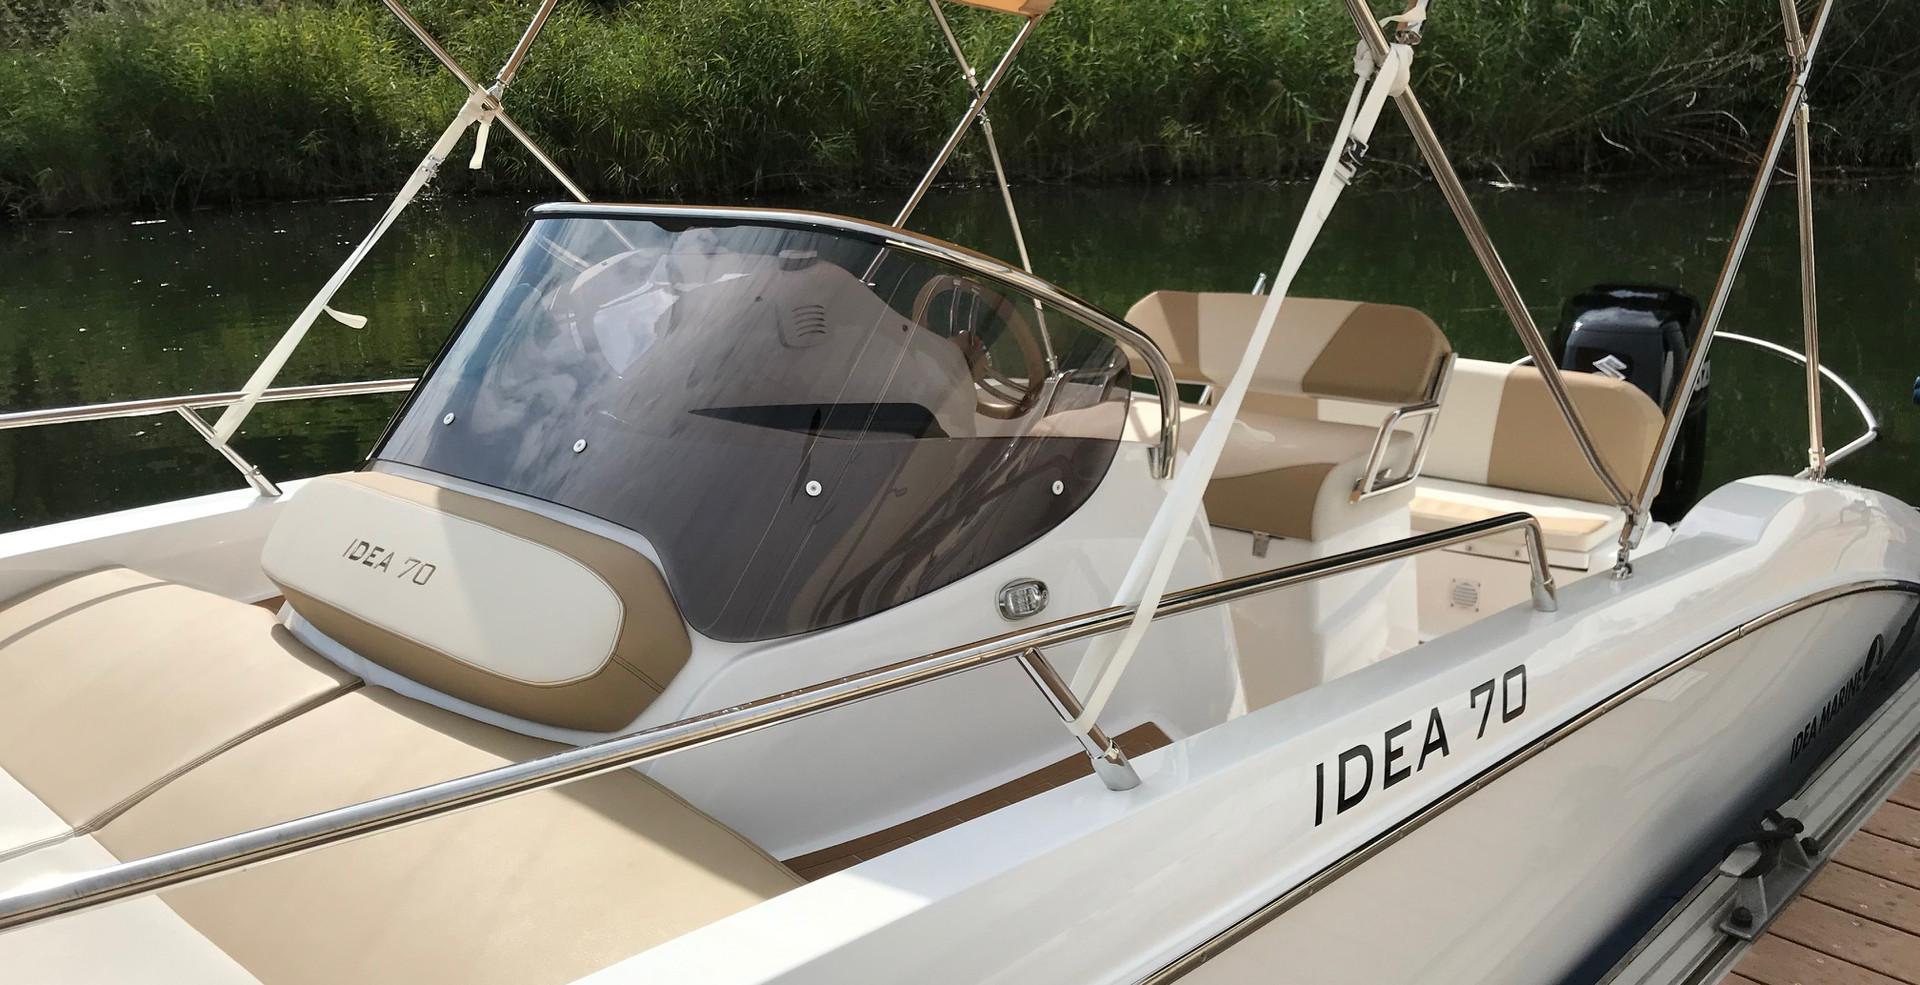 Idea 70 - Bootsmiete Lago Maggiore